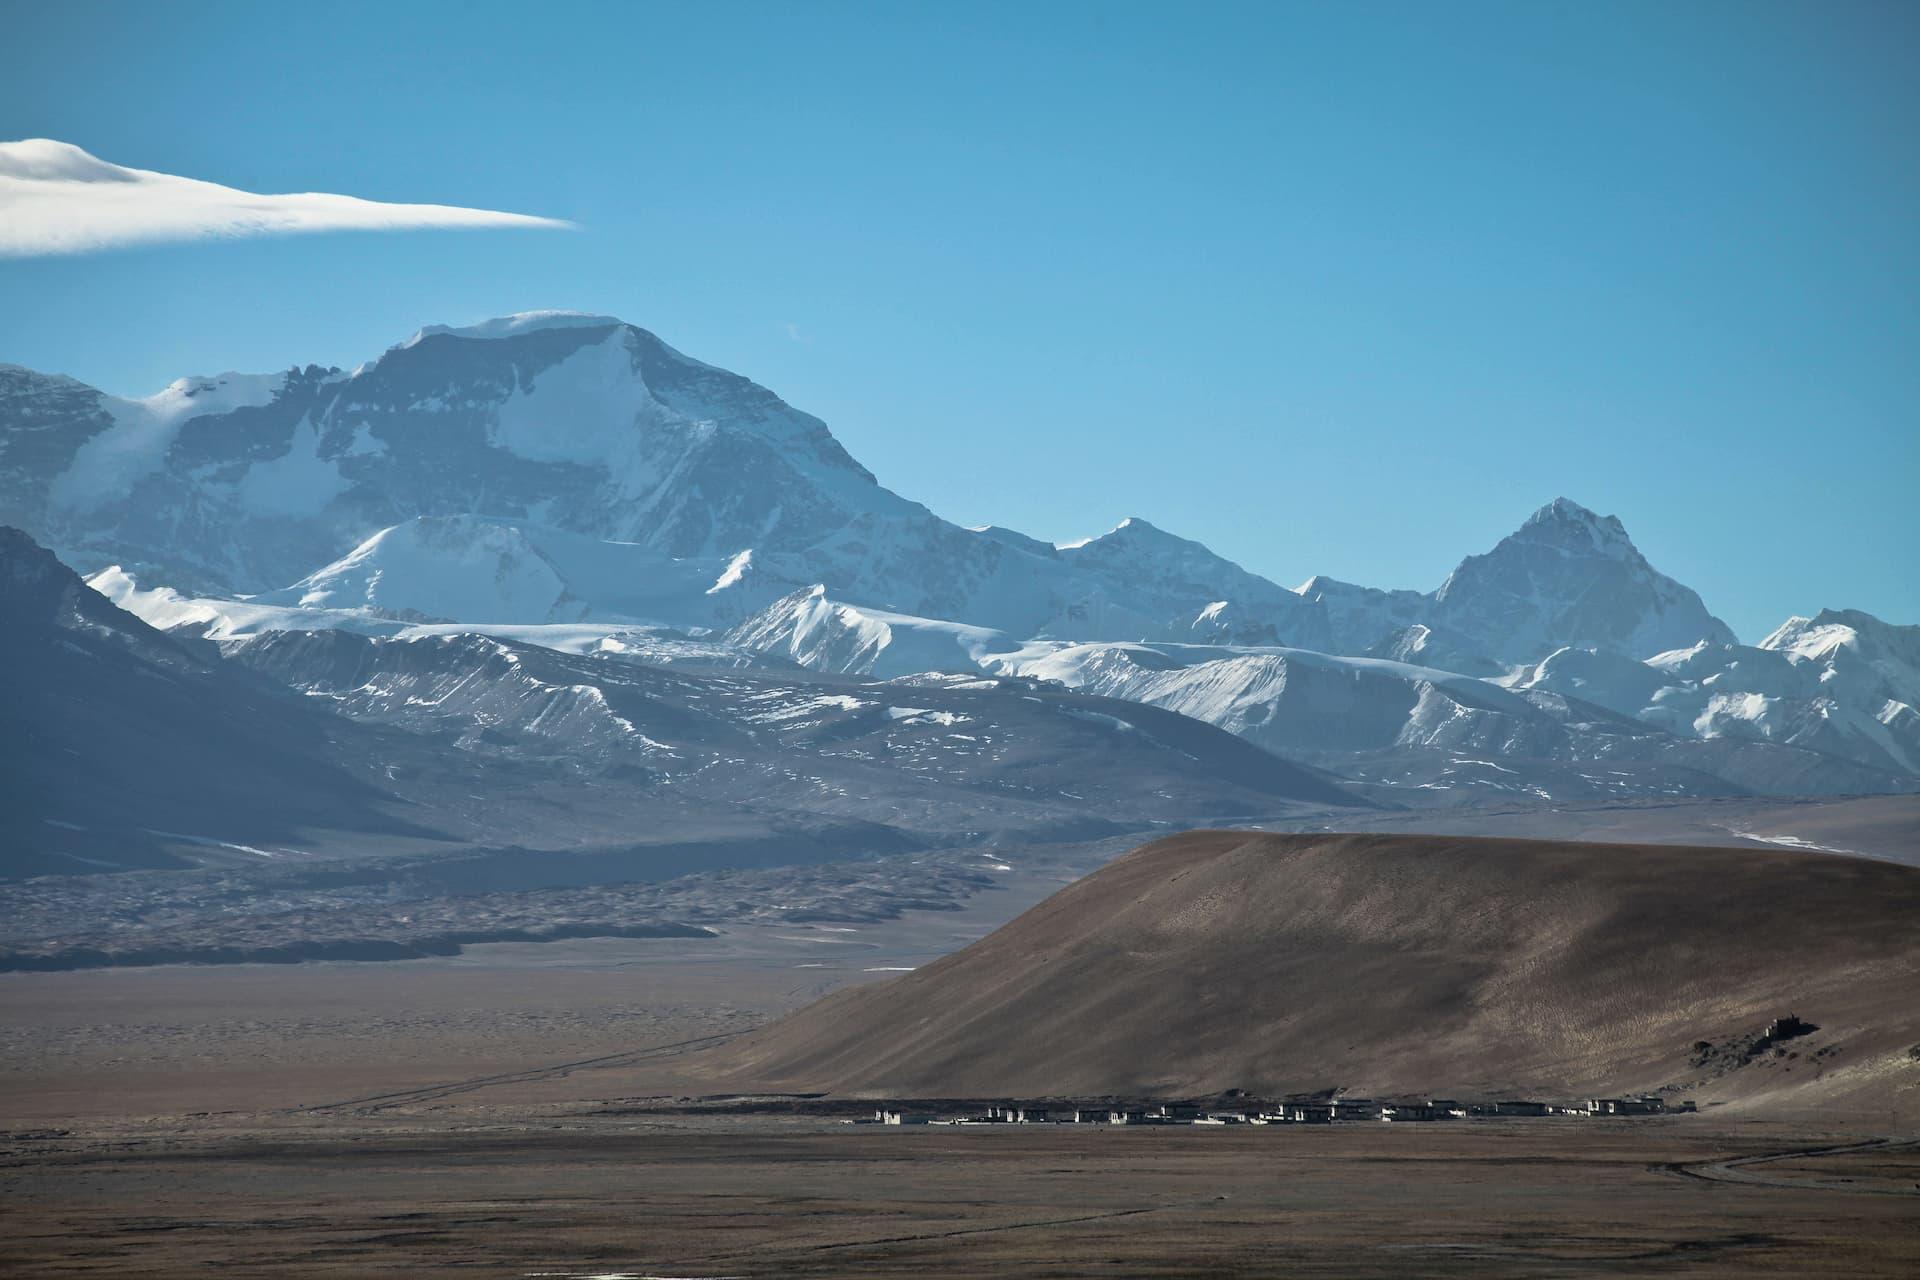 Locul 6 cei mai înalți munți - Cho Oyu